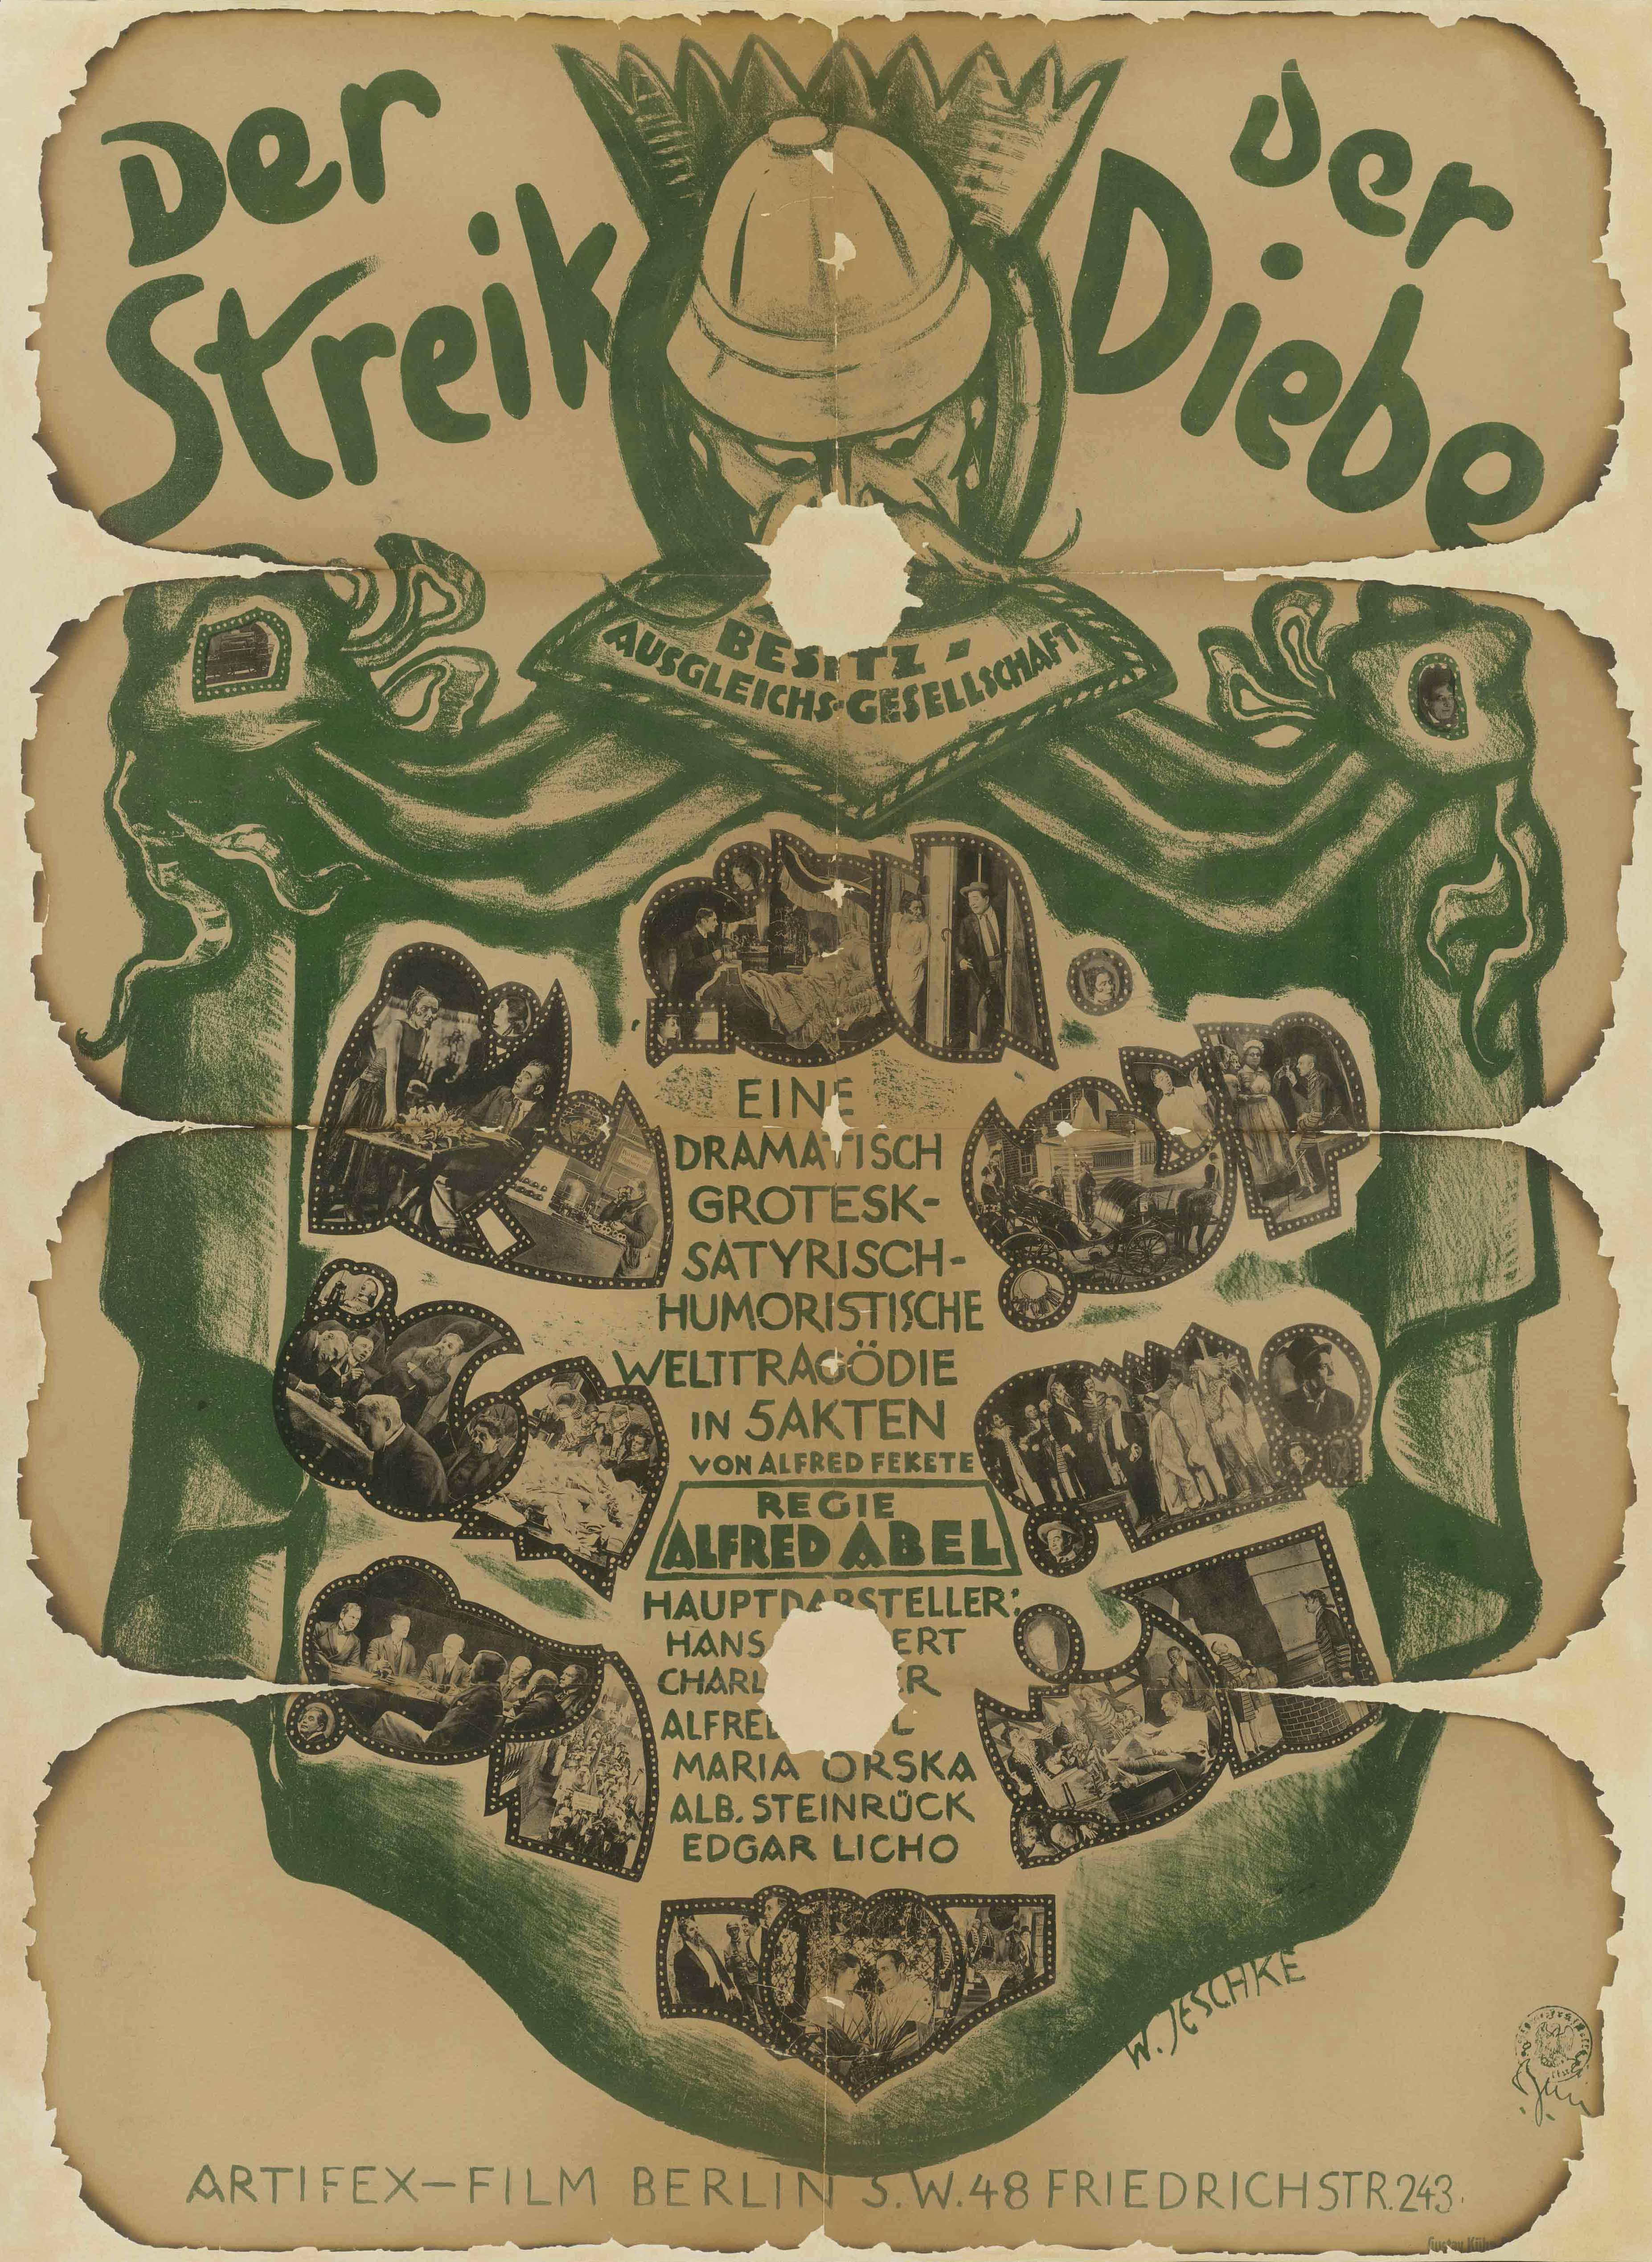 Filmplakat zu dem Film Der Streik der Diebe, Deutschland 1920/21